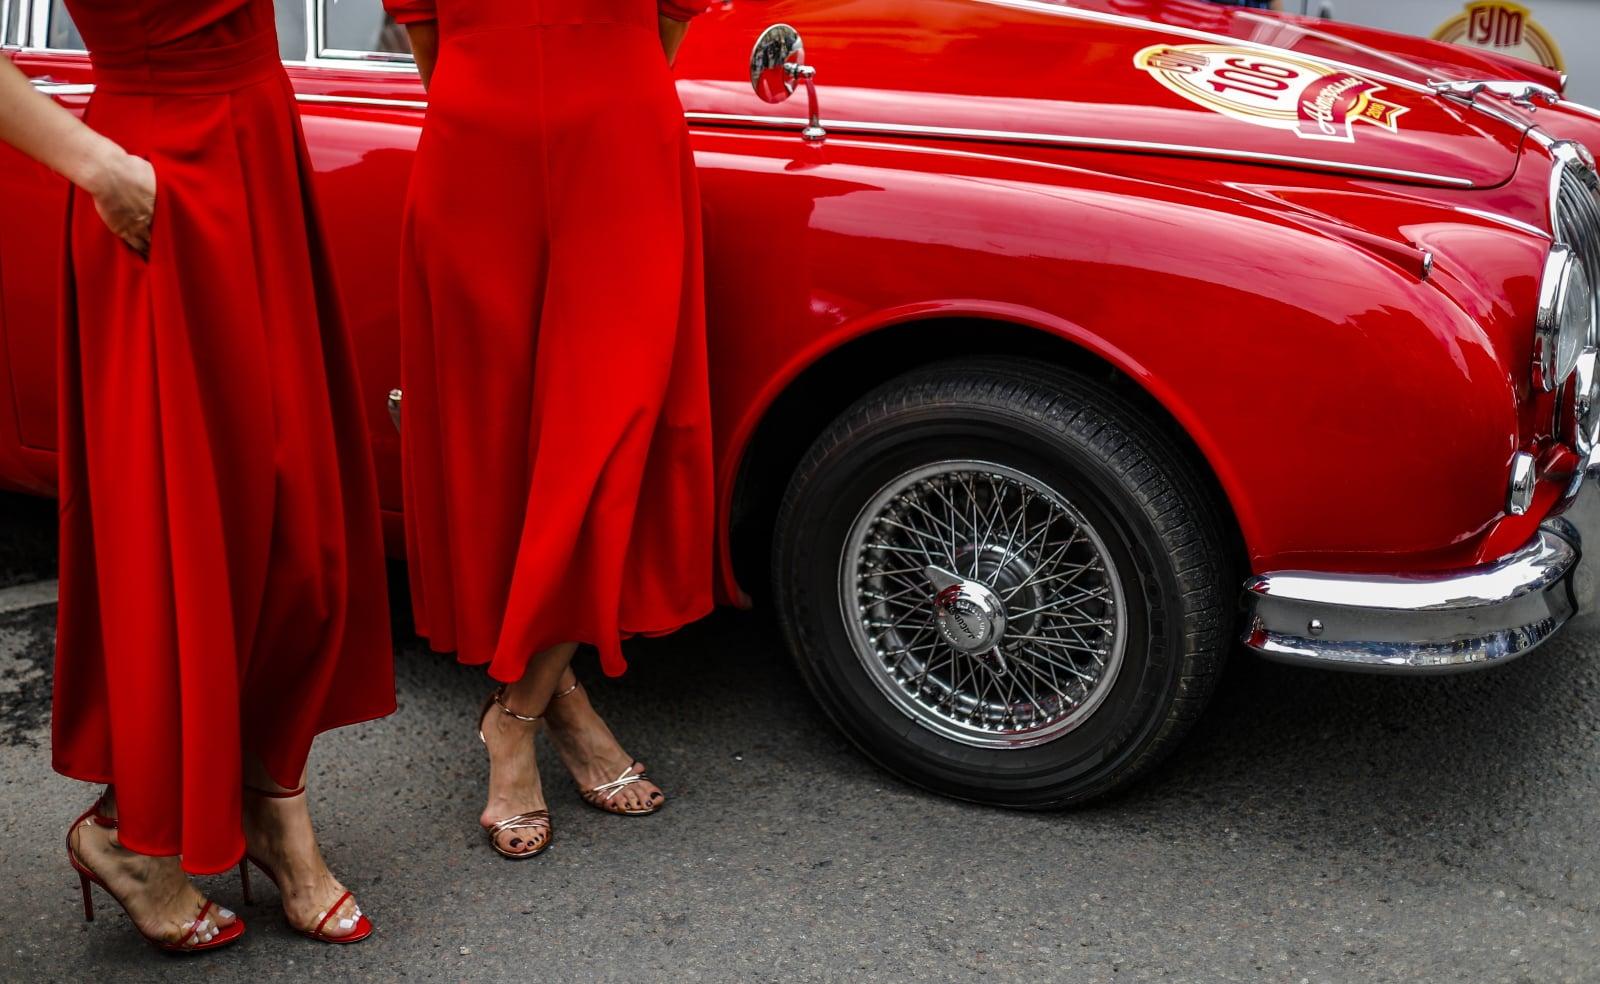 Rosyjski rajd klasycznych samochodów fot. EPA/SERGEI ILNITSKY